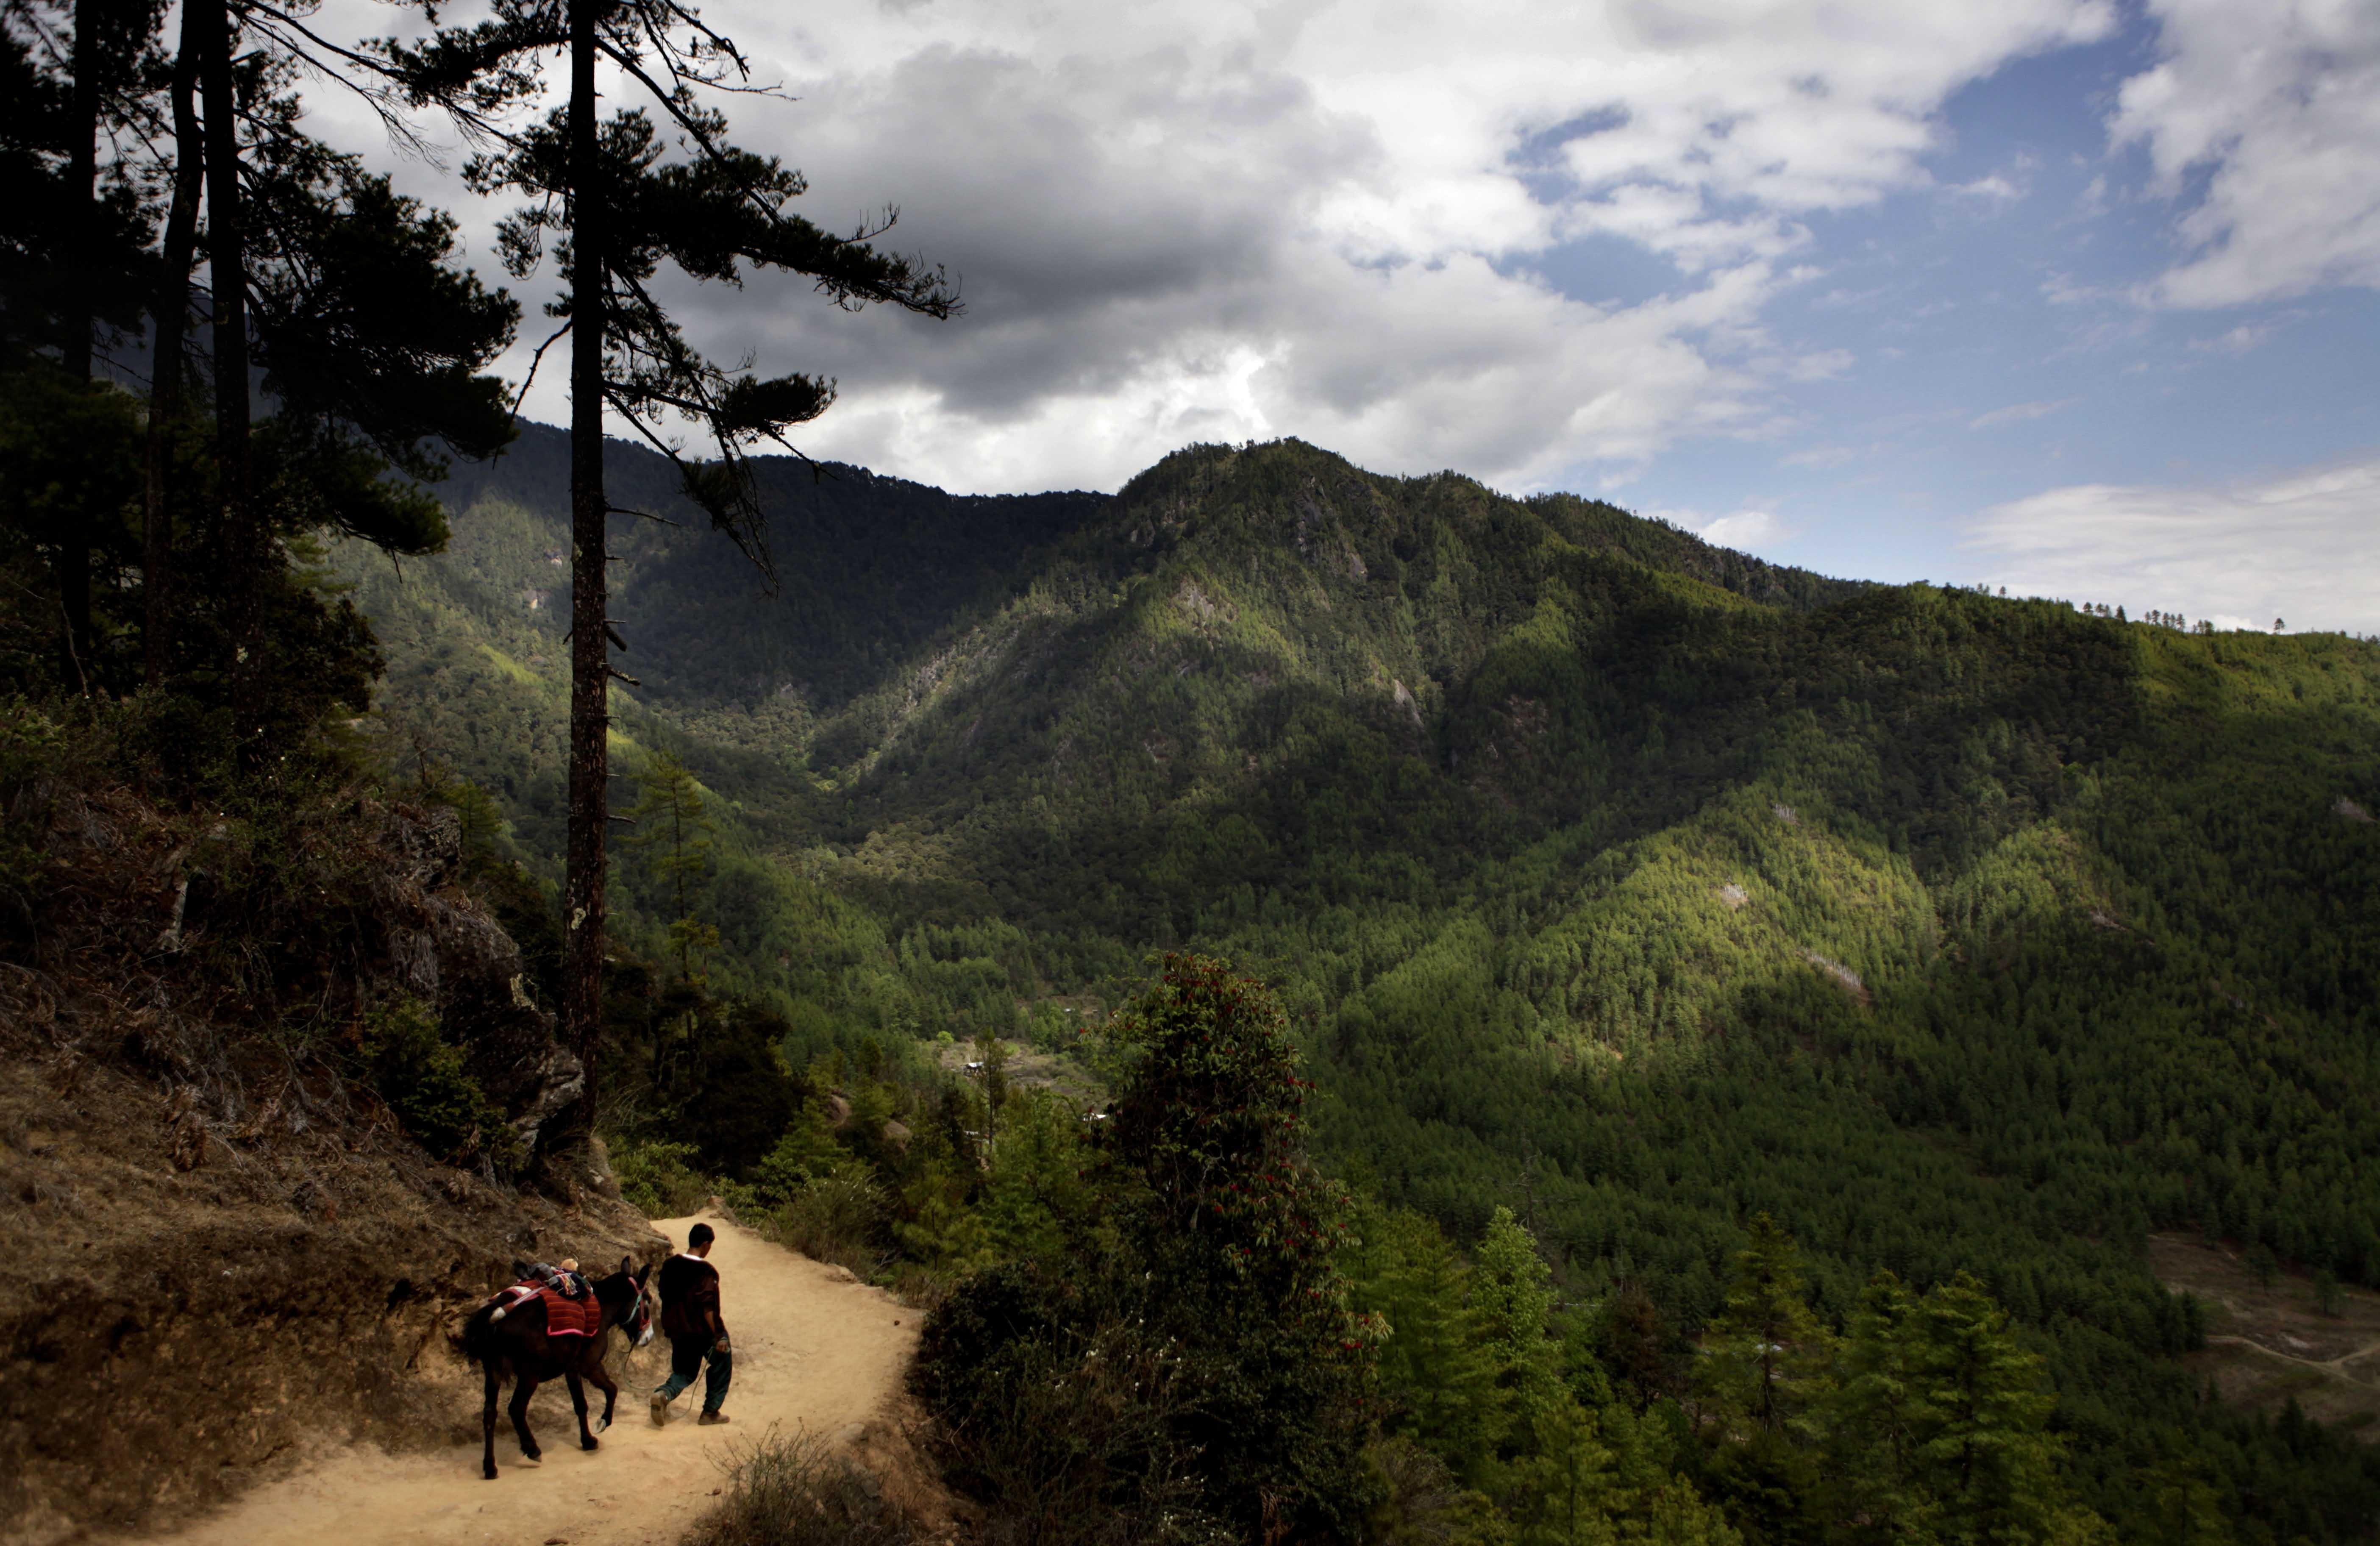 Bhutan-Het landschap lijkt zo uit de film Avatar te komen en de bevolking leeft bijzonder vredig in de natuur. (AP Photo/Manish Swarup)